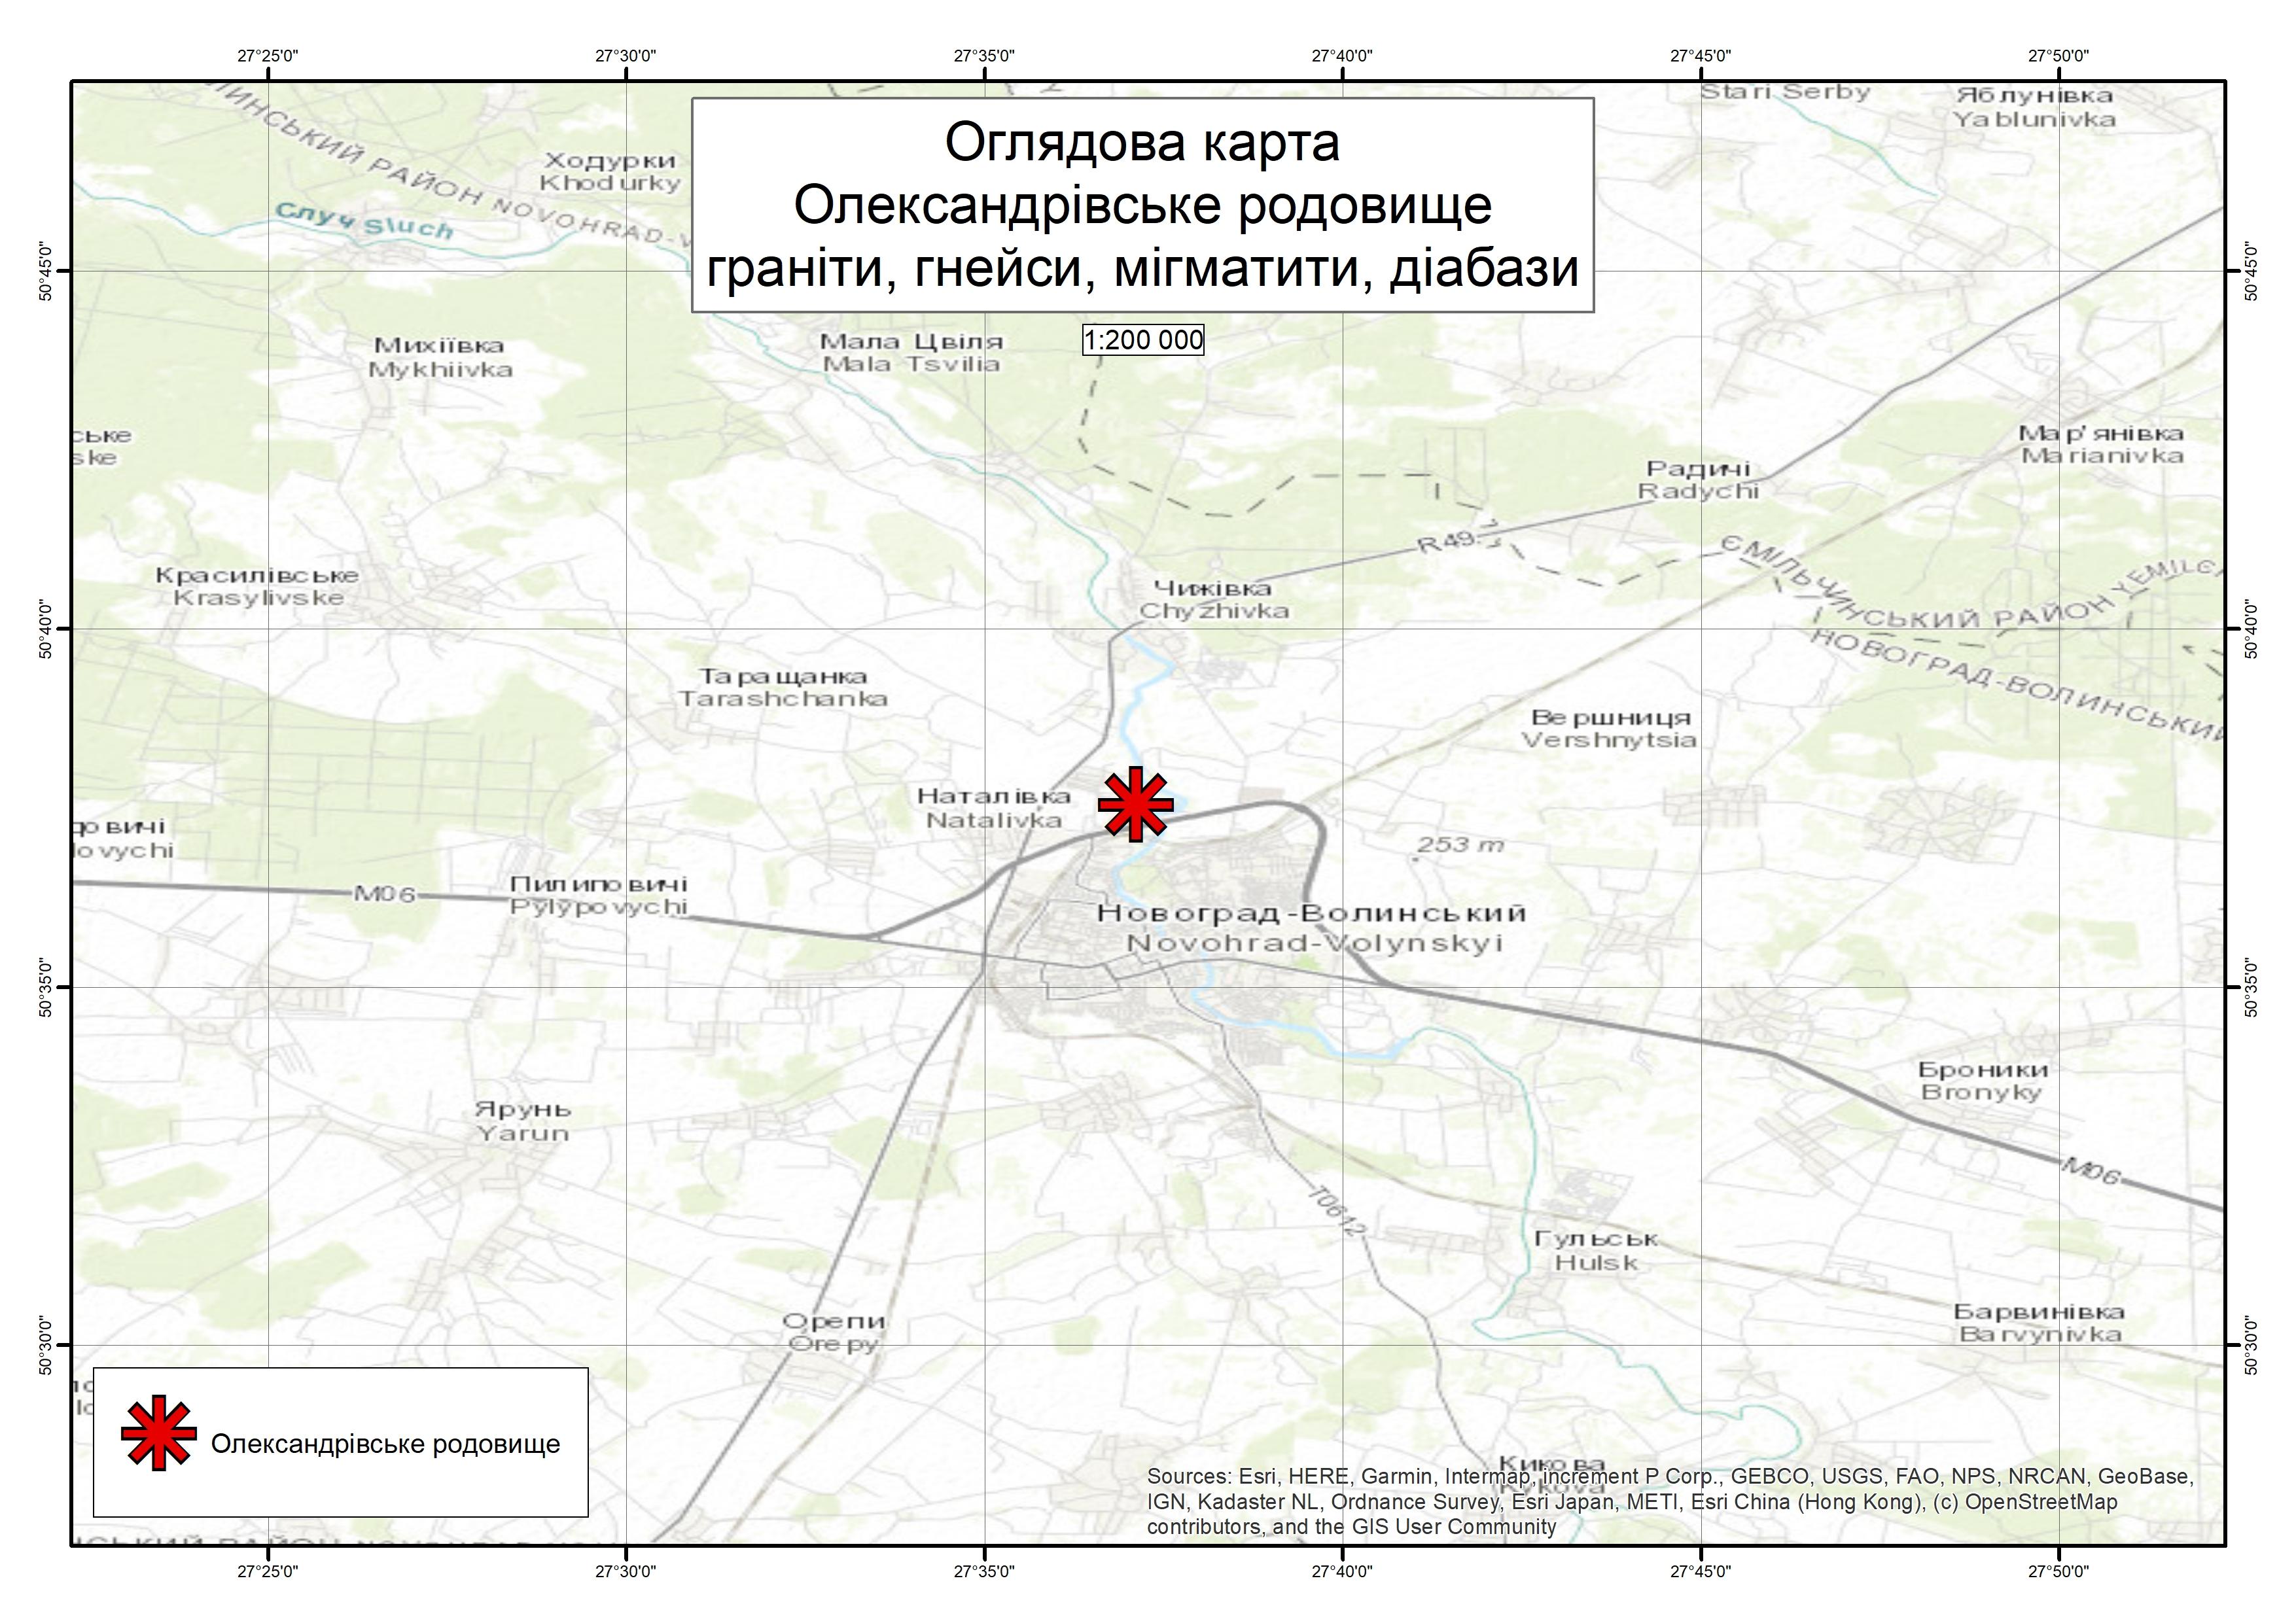 Спеціальний дозвіл на користування надрами – Олександрівське родовище. Вартість геологічної інформації – 231 285,59 грн (з ПДВ). Вартість пакету аукціонної документації – 72 550 грн (з ПДВ).